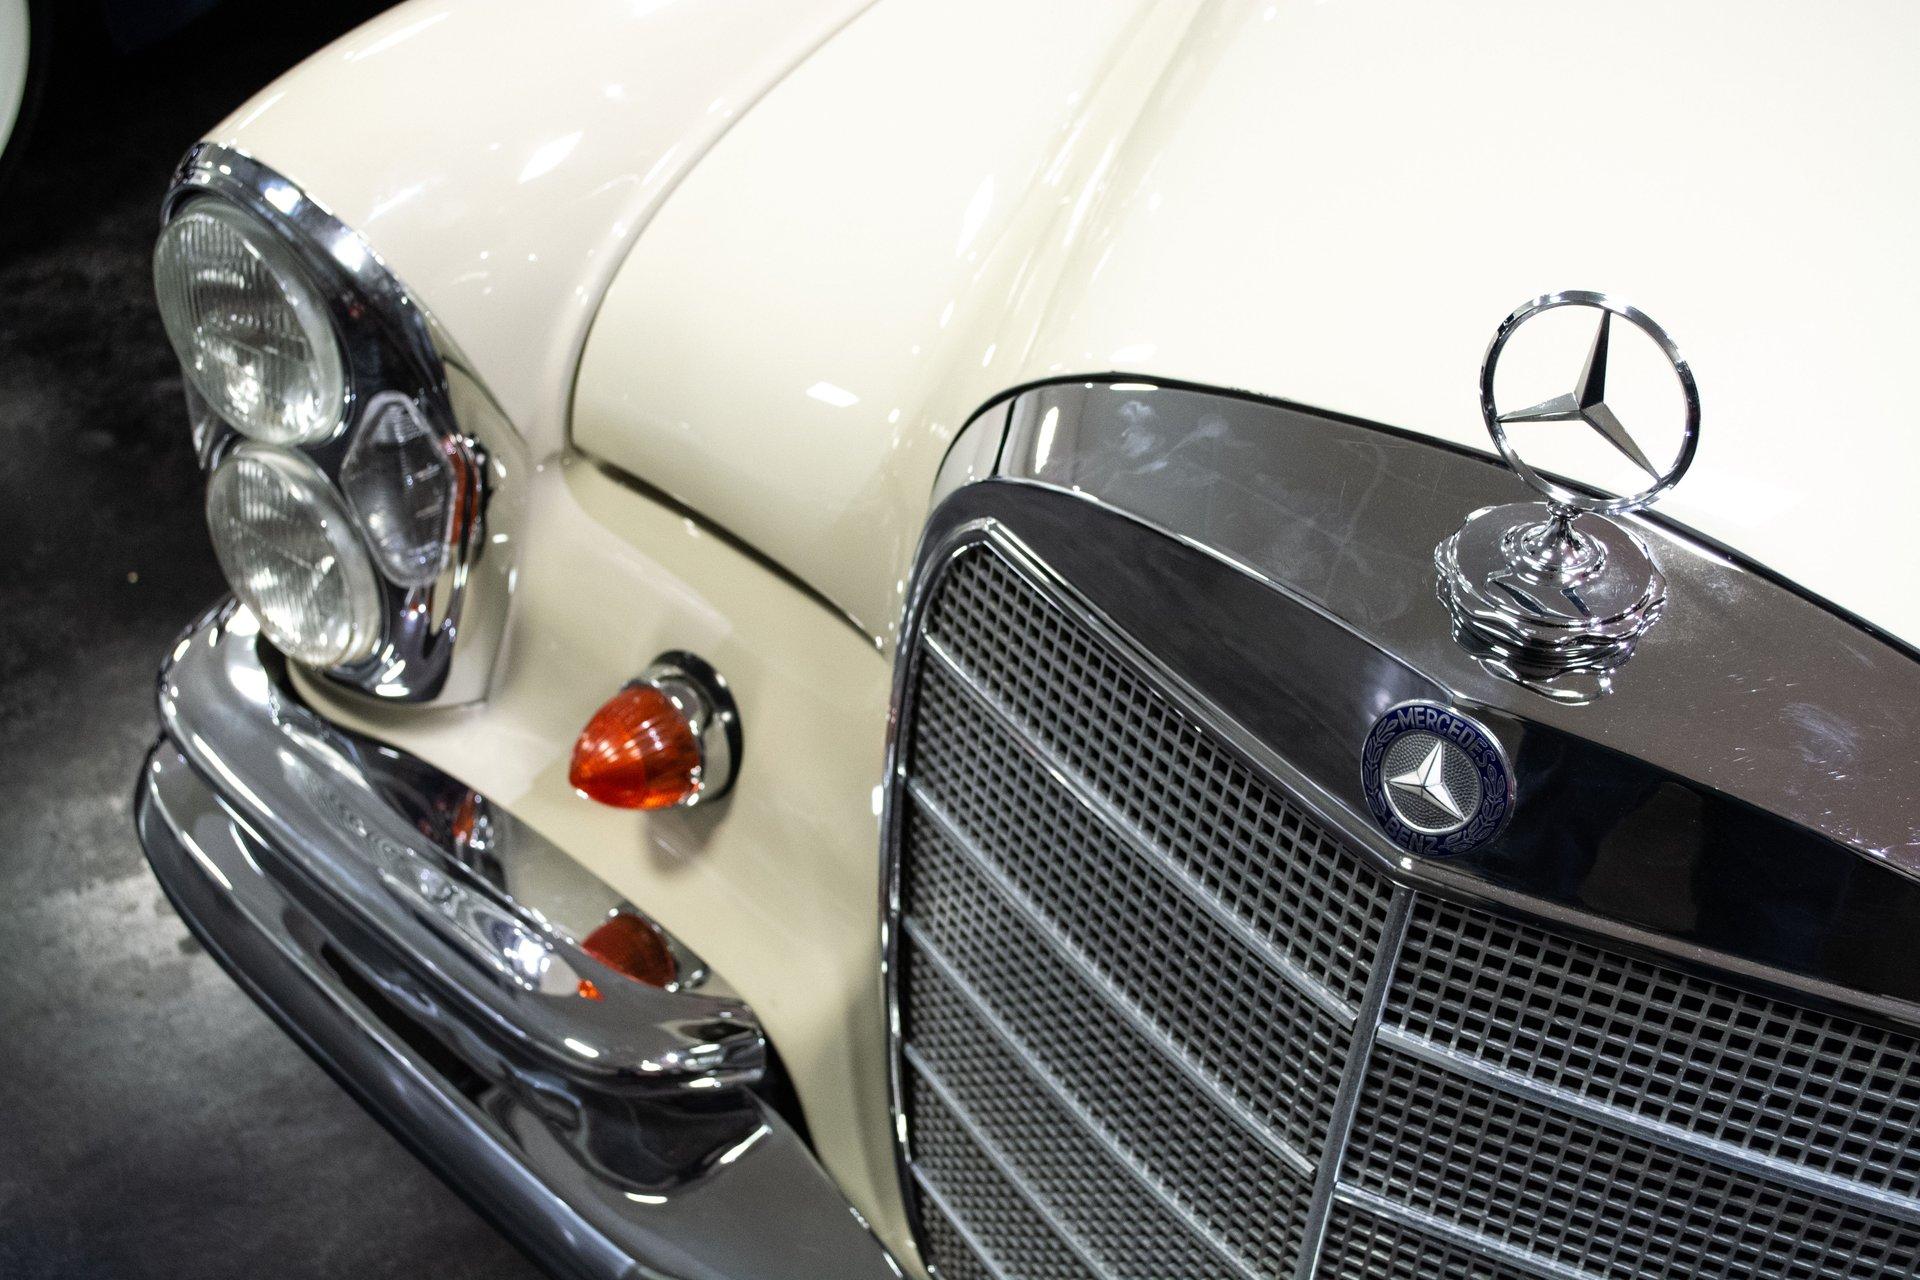 1969 mercedes benz 280 se cabriolet